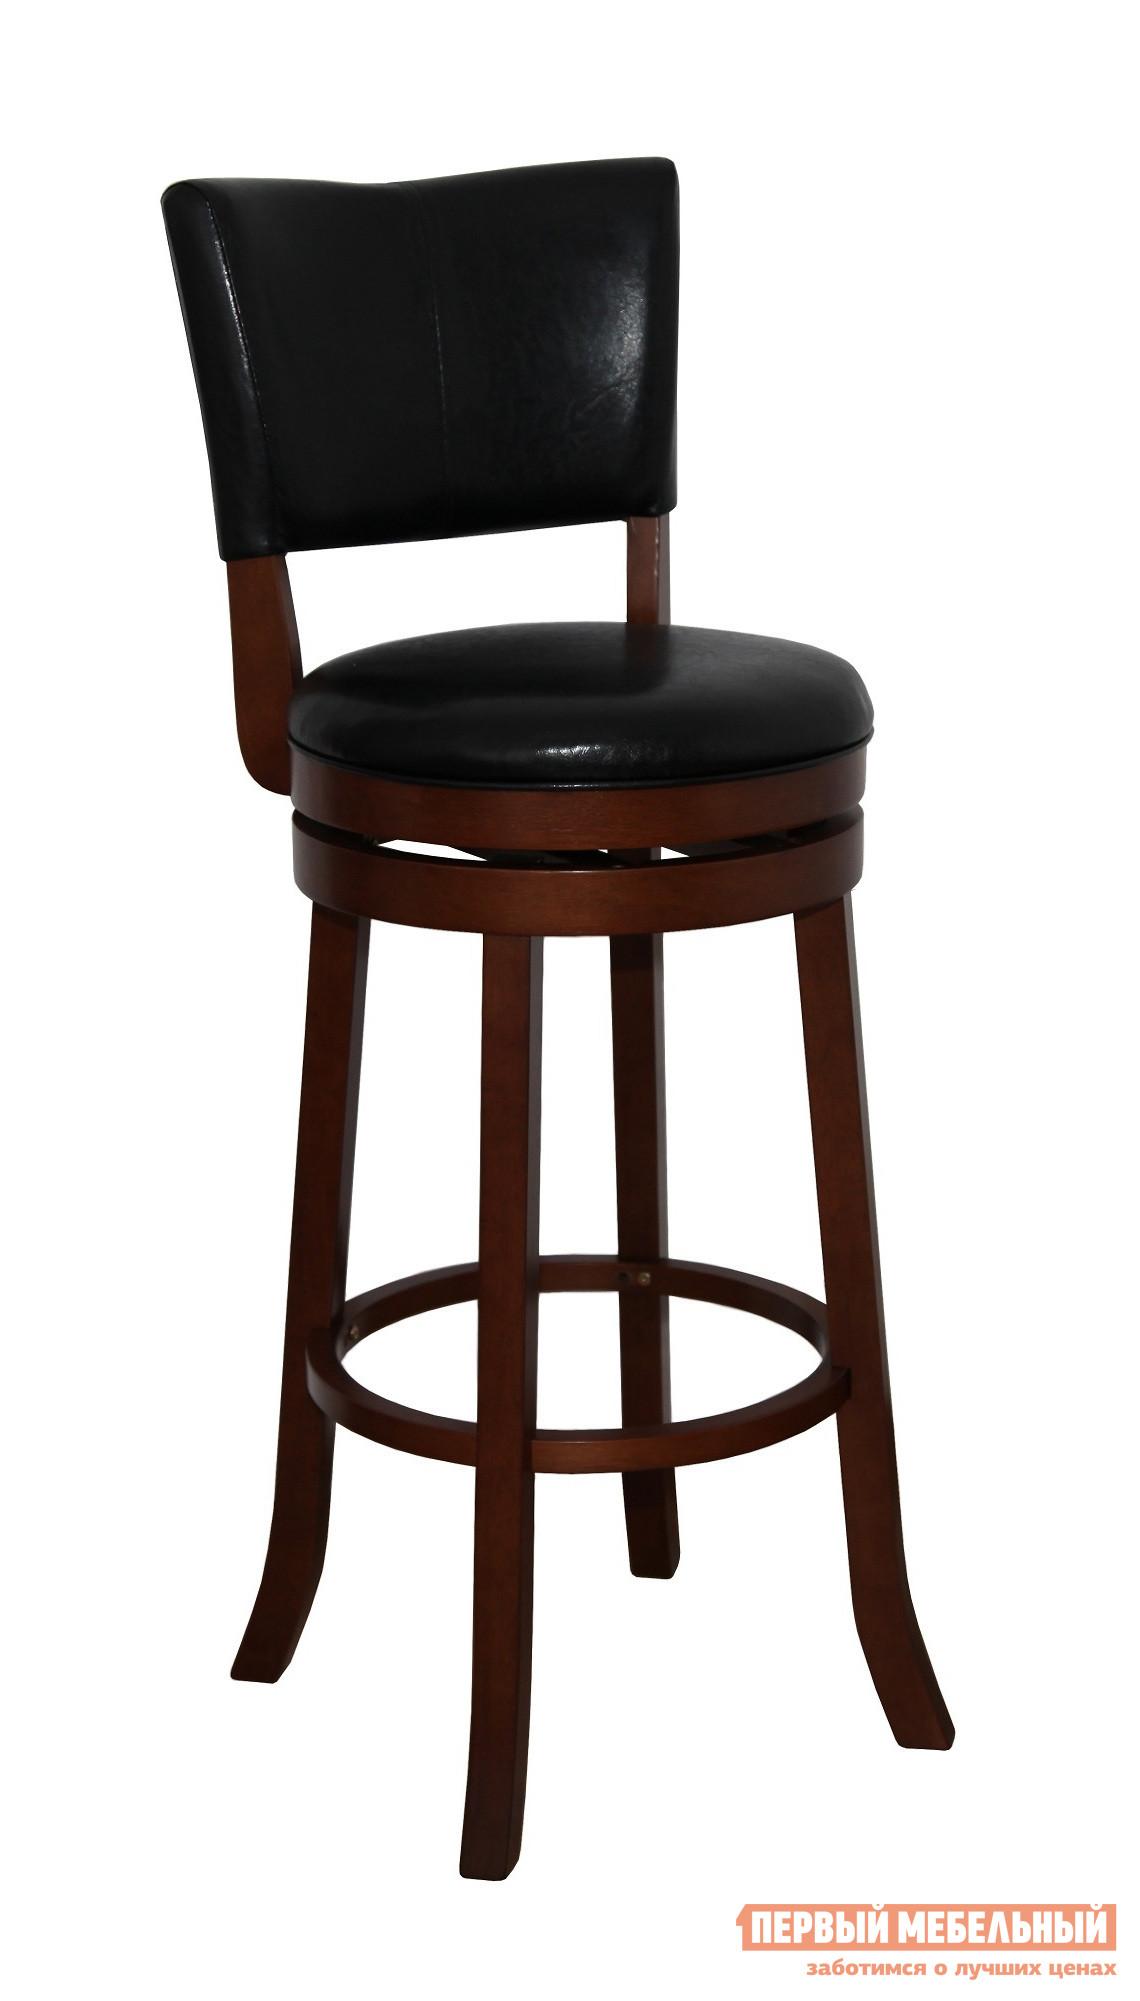 Барный стул Red and Black 9090 ШоколадБарные стулья<br>Габаритные размеры ВхШхГ 1100x430x430 мм. Стильный и элегантный барный стул с вращающимся механизмом будет гармонично смотреться как в классическом, так и в современном интерьере.  Модель идеально подходит для меблировки кухни, гостиной или барной зоны.  Деревянное кольцо, соединяющее ножки, будет служить удобной подставкой для ног, а мягкие сиденье и спинка обеспечат комфортный отдых. Диаметр сиденья — 430 мм. Высота от пола до сиденья — 800 мм. Каркас выполняется из массива гевеи, обивка на спинке и сиденье — искусственная кожа. Обратите внимание! Стулья поставляются комплектом по 2 штуки.  Цена указана за один стул.<br><br>Цвет: Коричневое дерево<br>Высота мм: 1100<br>Ширина мм: 430<br>Глубина мм: 430<br>Кол-во упаковок: 1<br>Форма поставки: В разобранном виде<br>Срок гарантии: 6 месяцев<br>Тип: Для кухни<br>Тип: Нерегулируемые<br>Тип: Высота сиденья 701-800мм<br>Материал: Дерево<br>Материал: Искусственная кожа<br>Материал: Натуральное дерево<br>Порода дерева: Гевея<br>Форма: Круглые<br>С мягким сиденьем: Да<br>Со спинкой: Да<br>С четырьмя ножками: Да